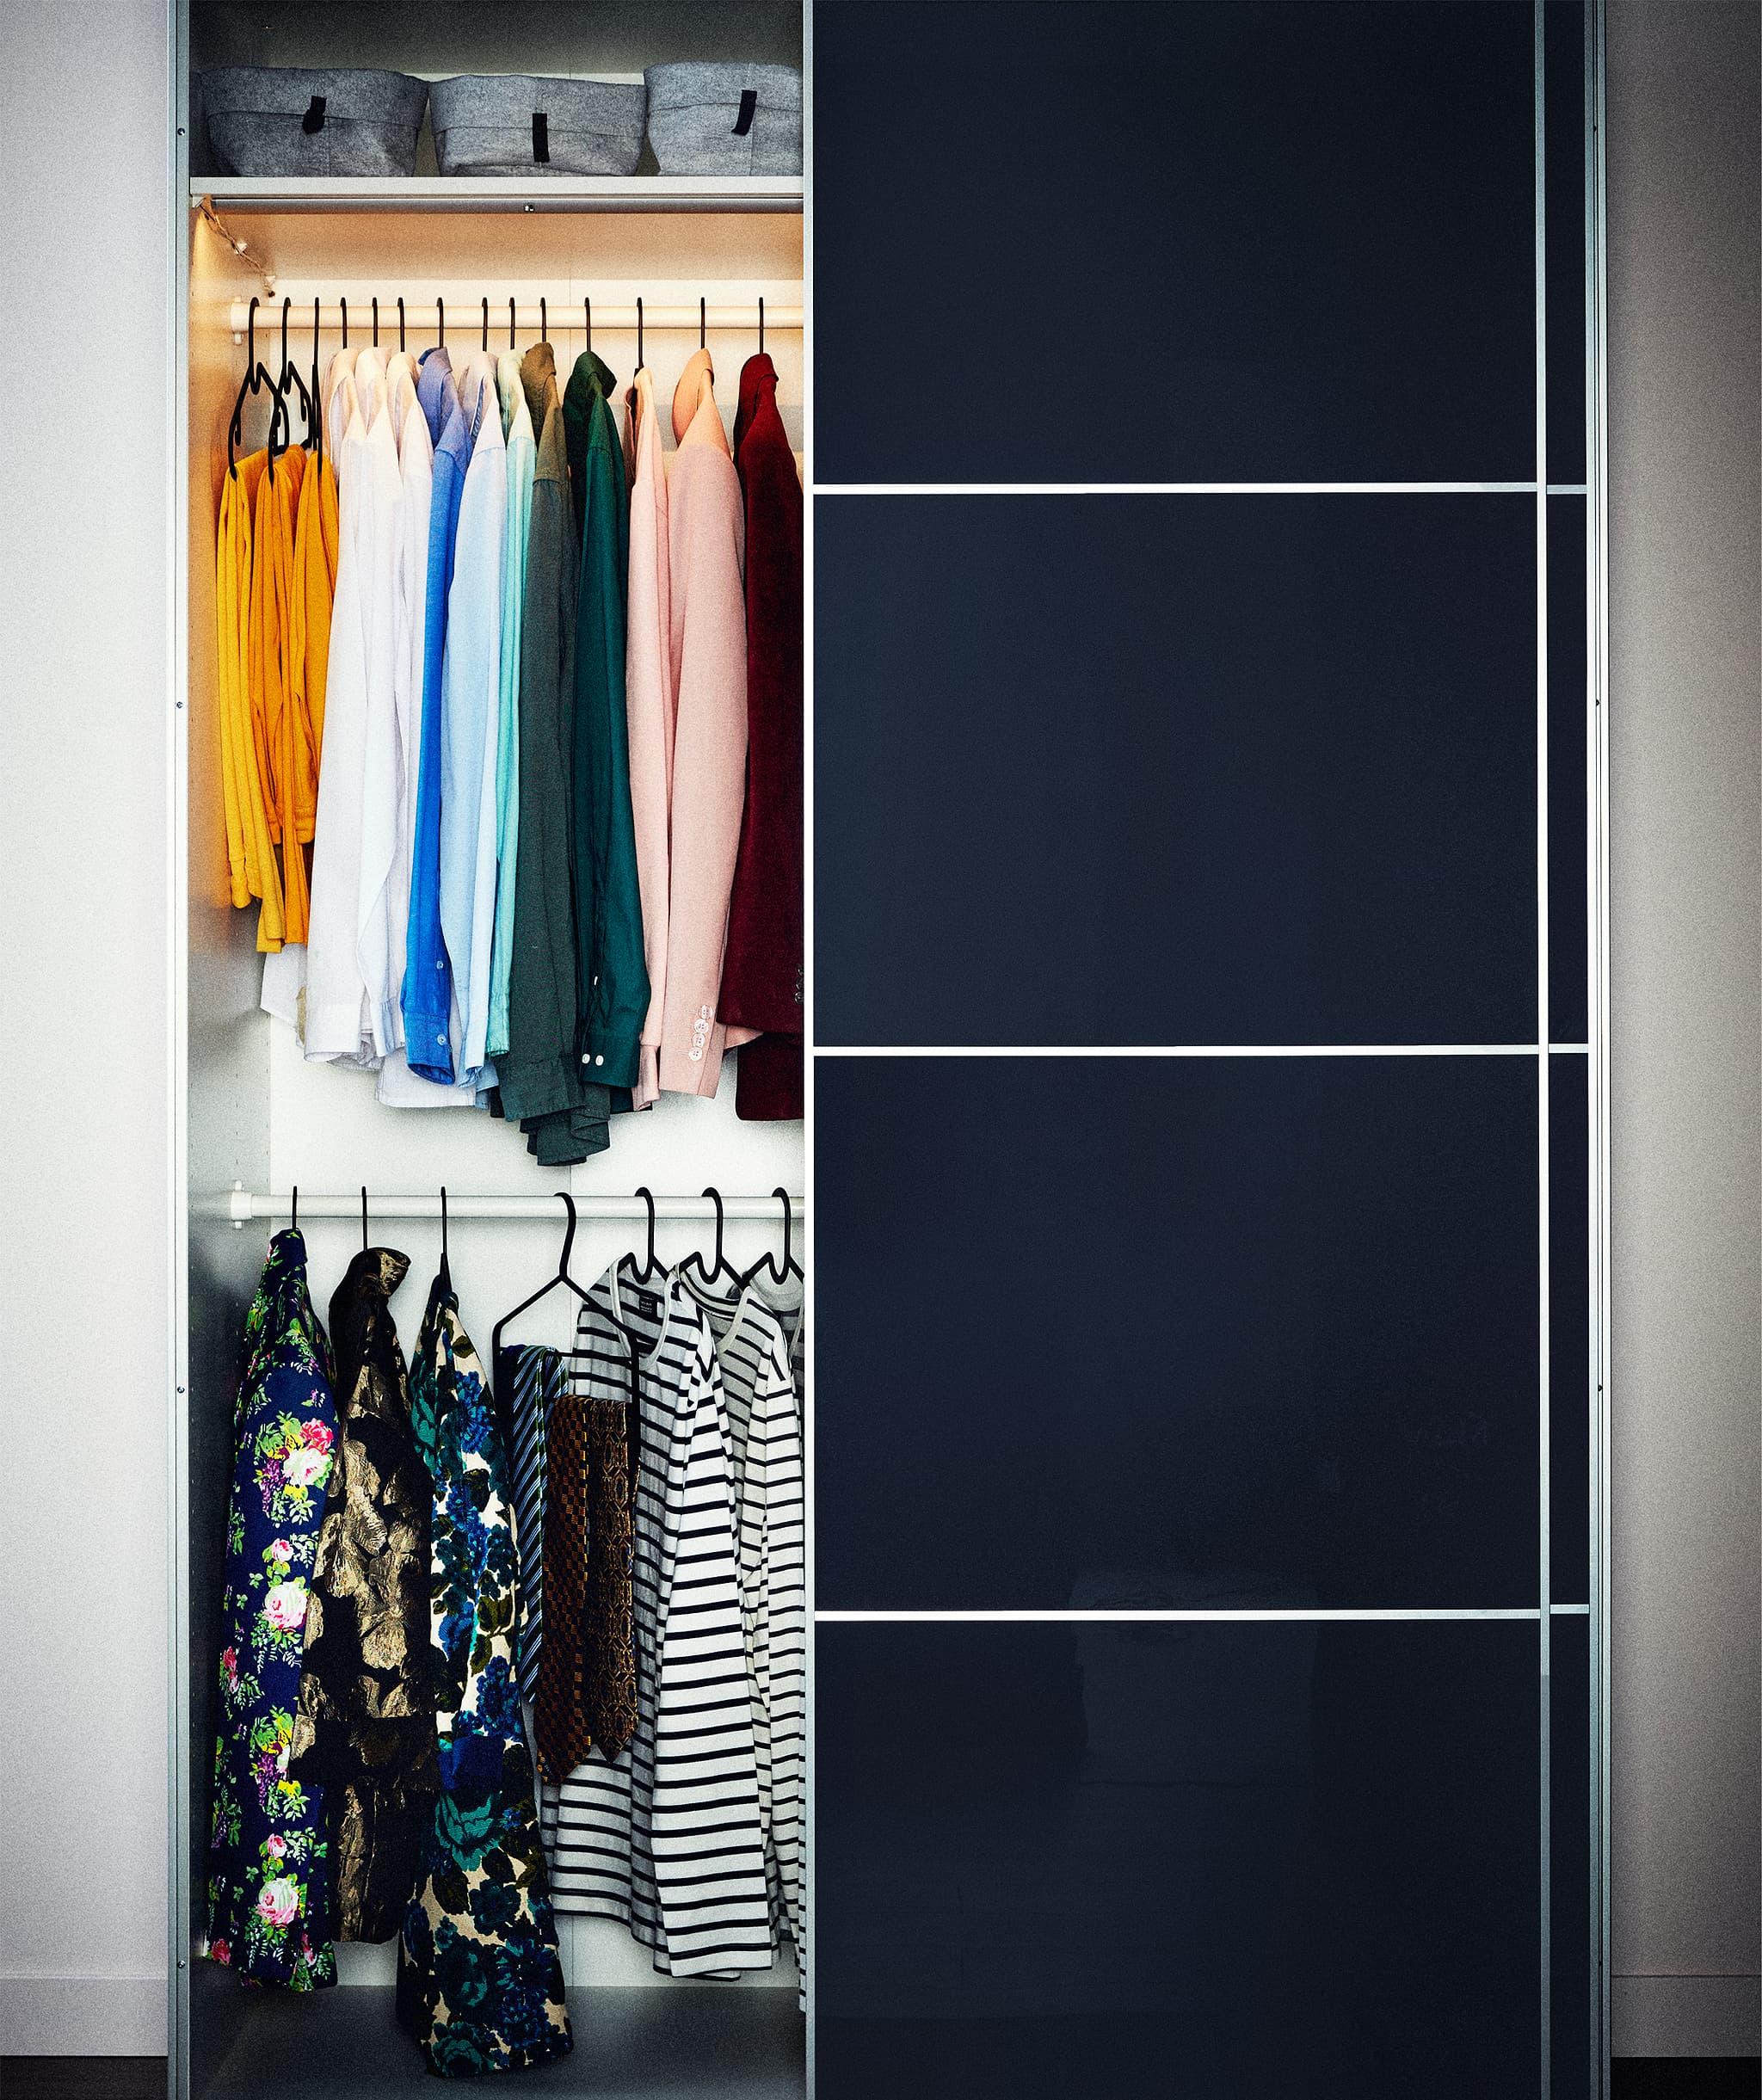 Bagian lemari pakaian dengan dua laci yang ditarik sebagian, keduanya diisi dengan pakaian yang dilipat rapi yang tertata rapi (tidak ditumpuk).